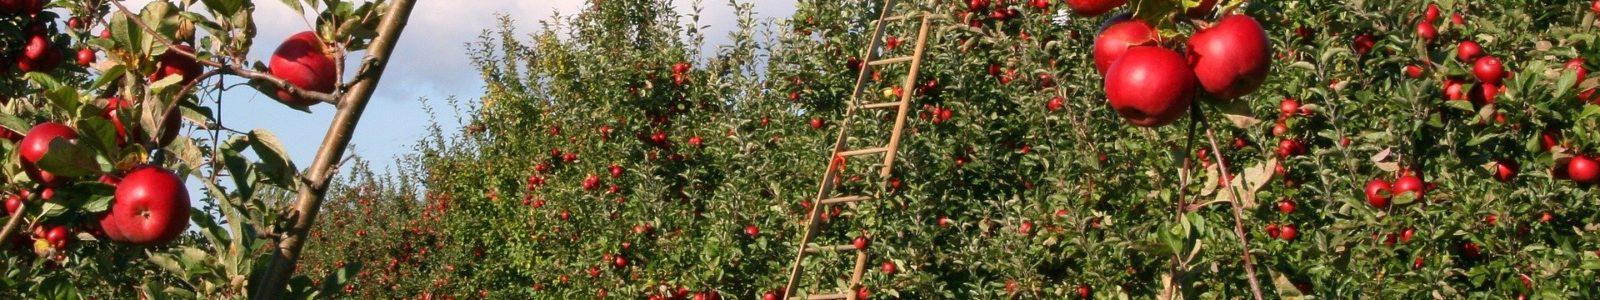 Inmitten einer Apfelbaumplantage steht eine Leiter und zwei gefüllte Körbe mit roten Äpfeln